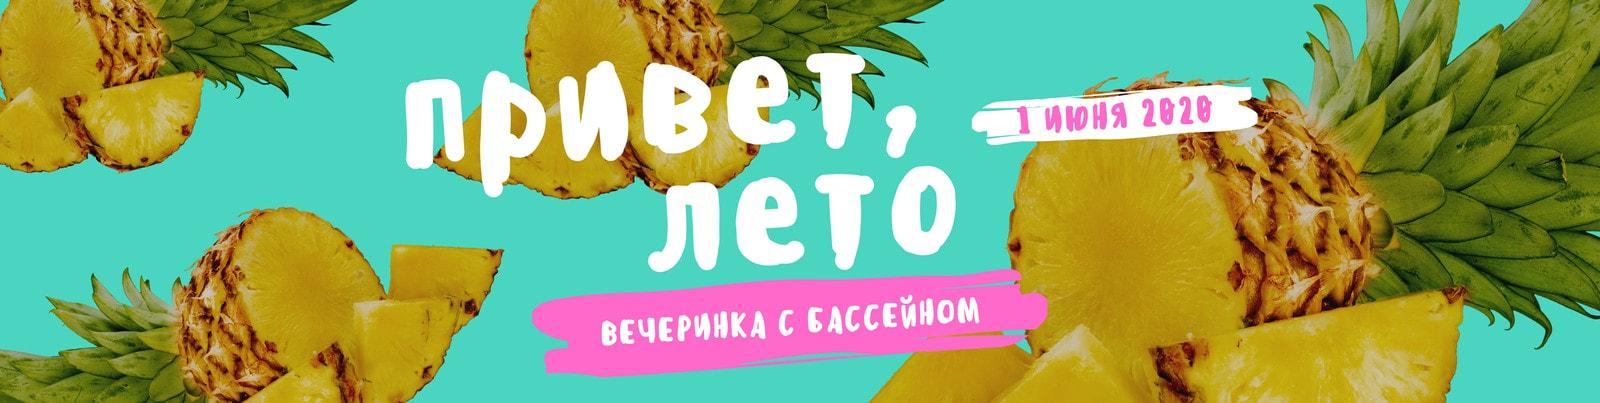 Цветная обложка группы ВК с приглашением на летнюю вечеринку